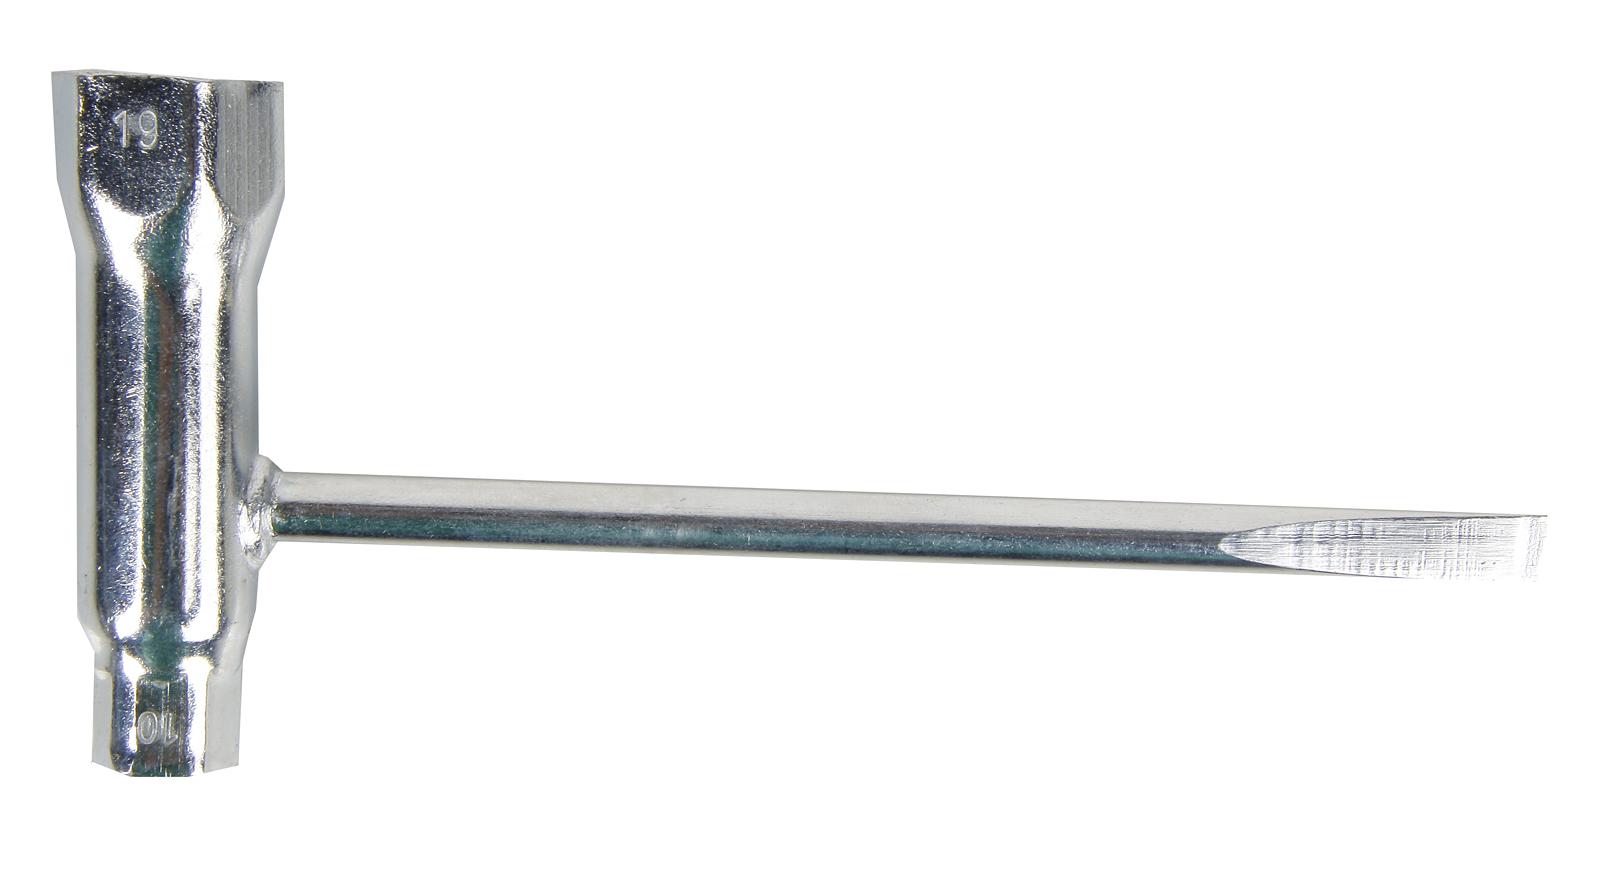 Ключ гаечный комбинированный Echo 89541002830 (10 / 19 мм)